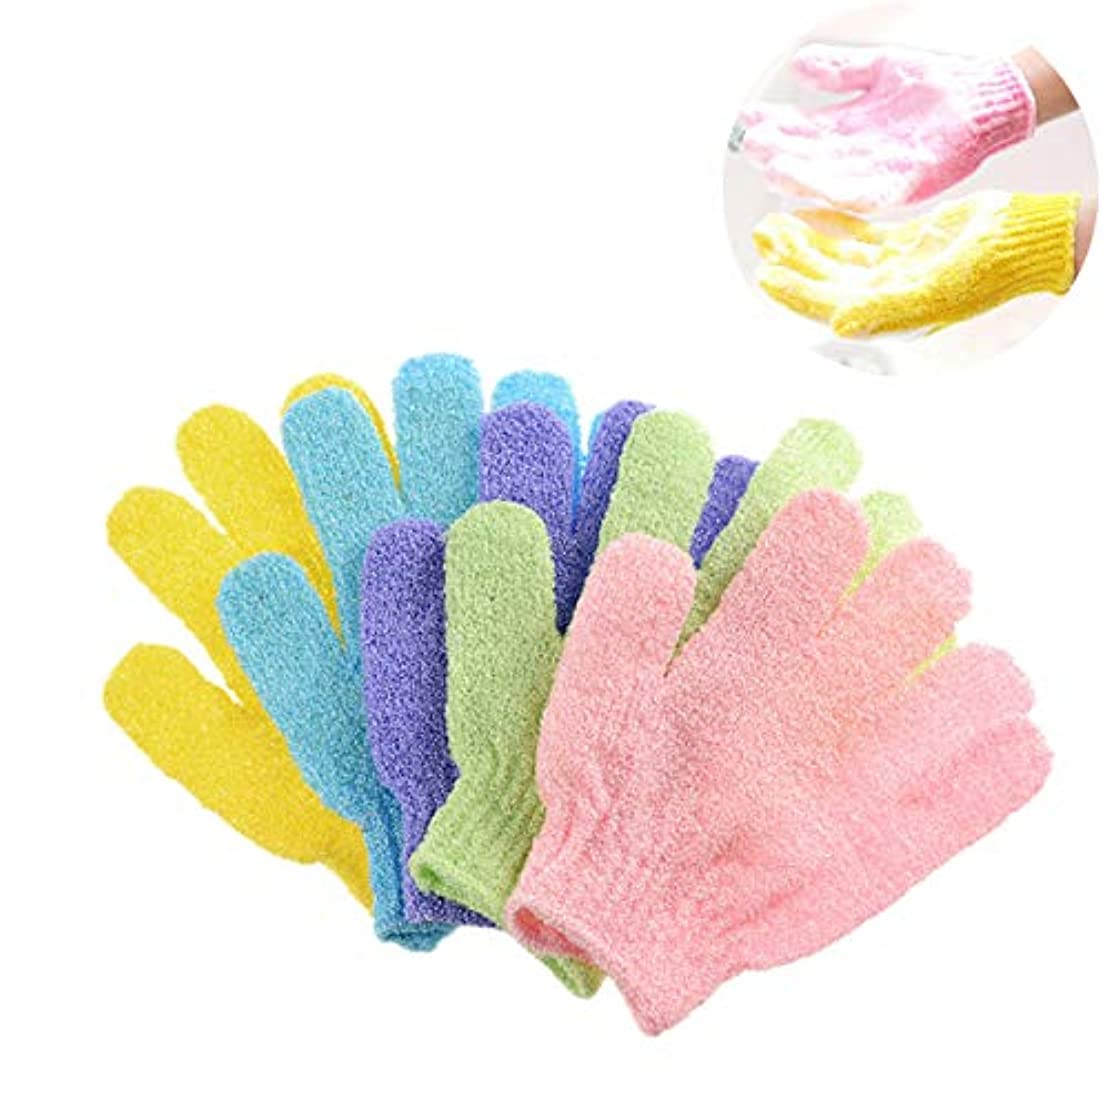 収益告発エクスタシーKingsie 浴用手袋 10枚セット(5ペア) ボディウォッシュ手袋 お風呂手袋 角質除去 角質取り 泡立ち 垢すり グローブ